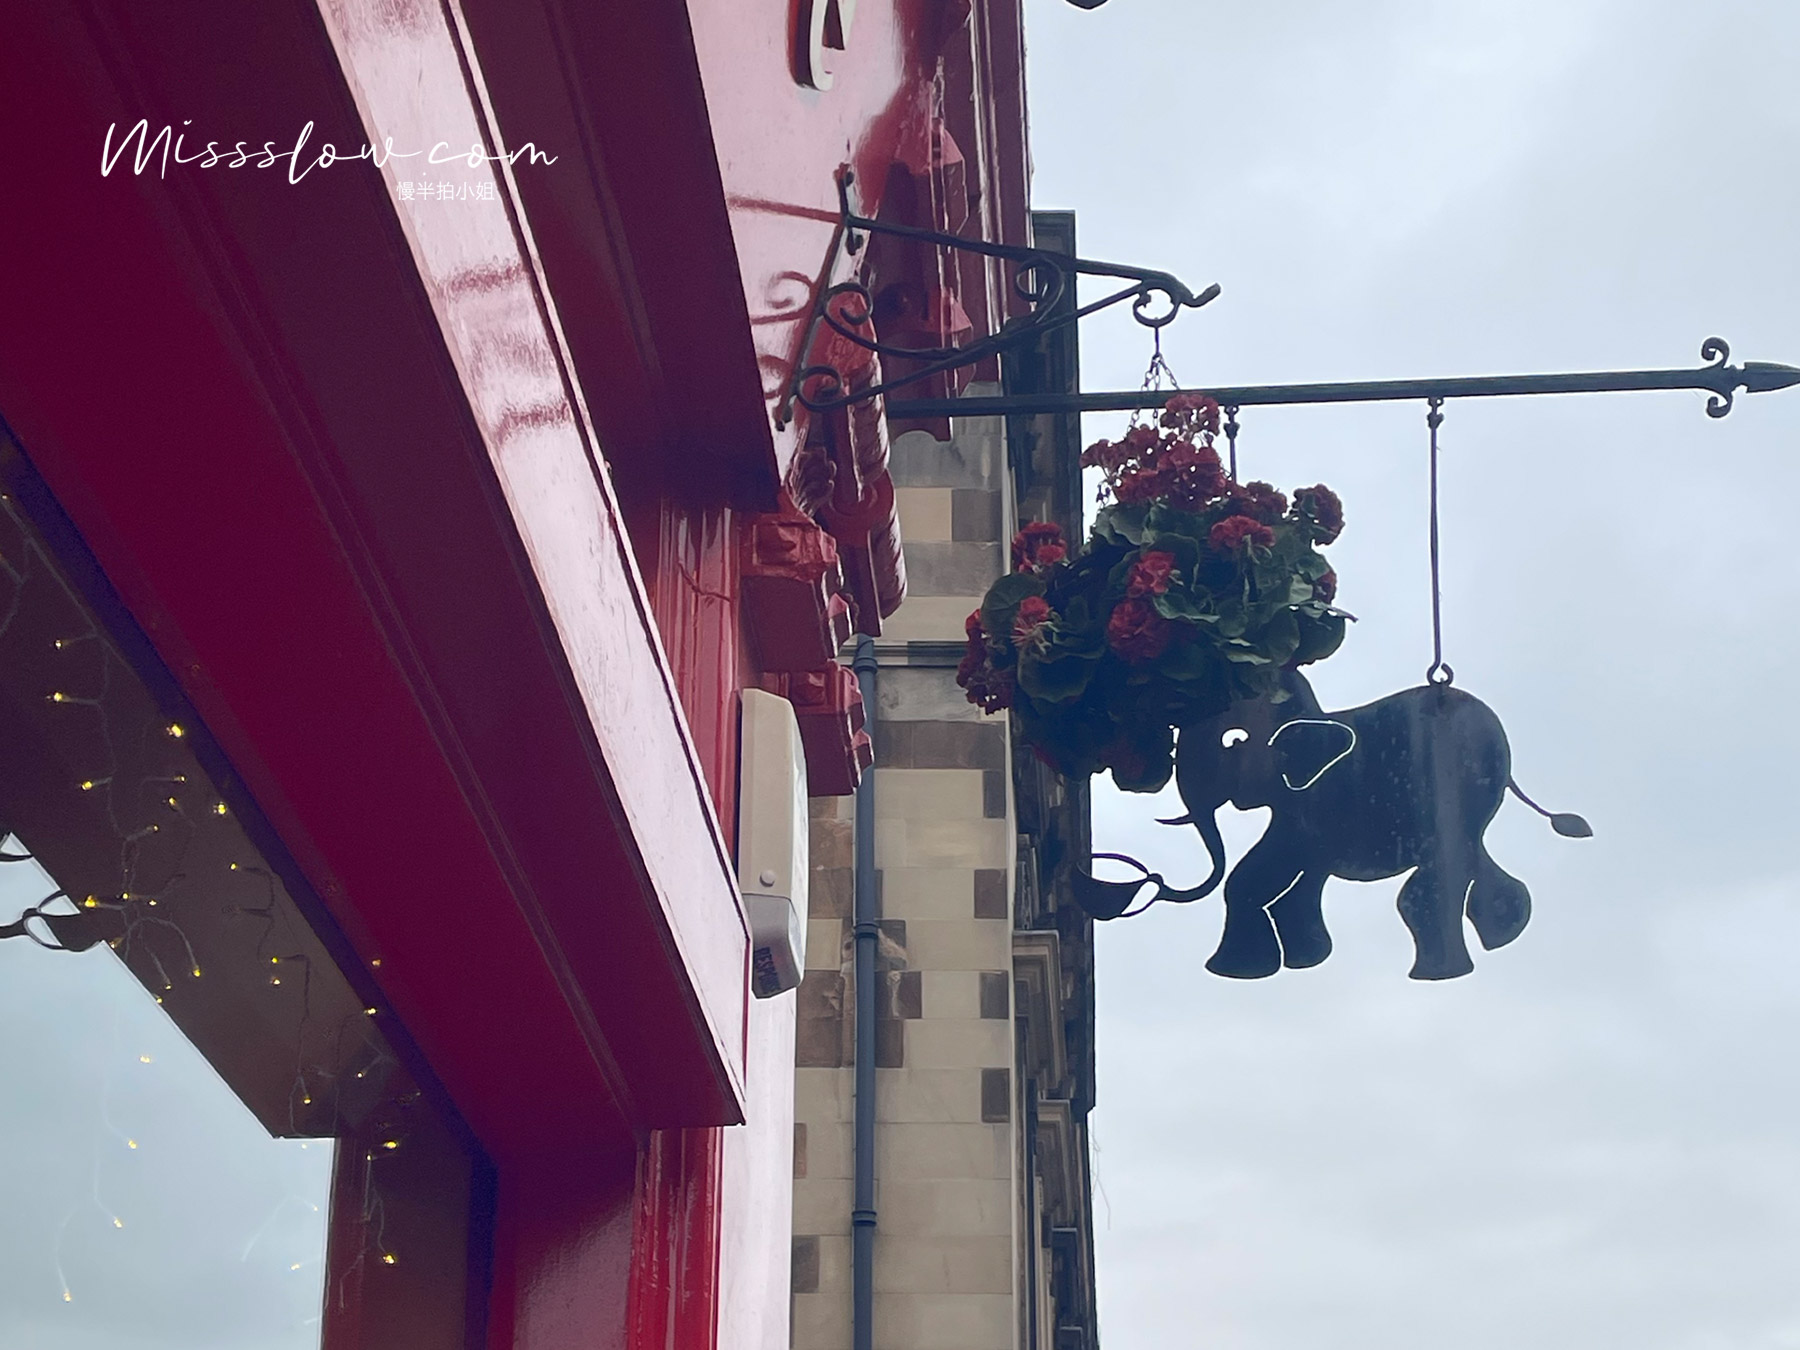 大象咖啡館 J·K羅琳創作《哈利波特》的咖啡廳